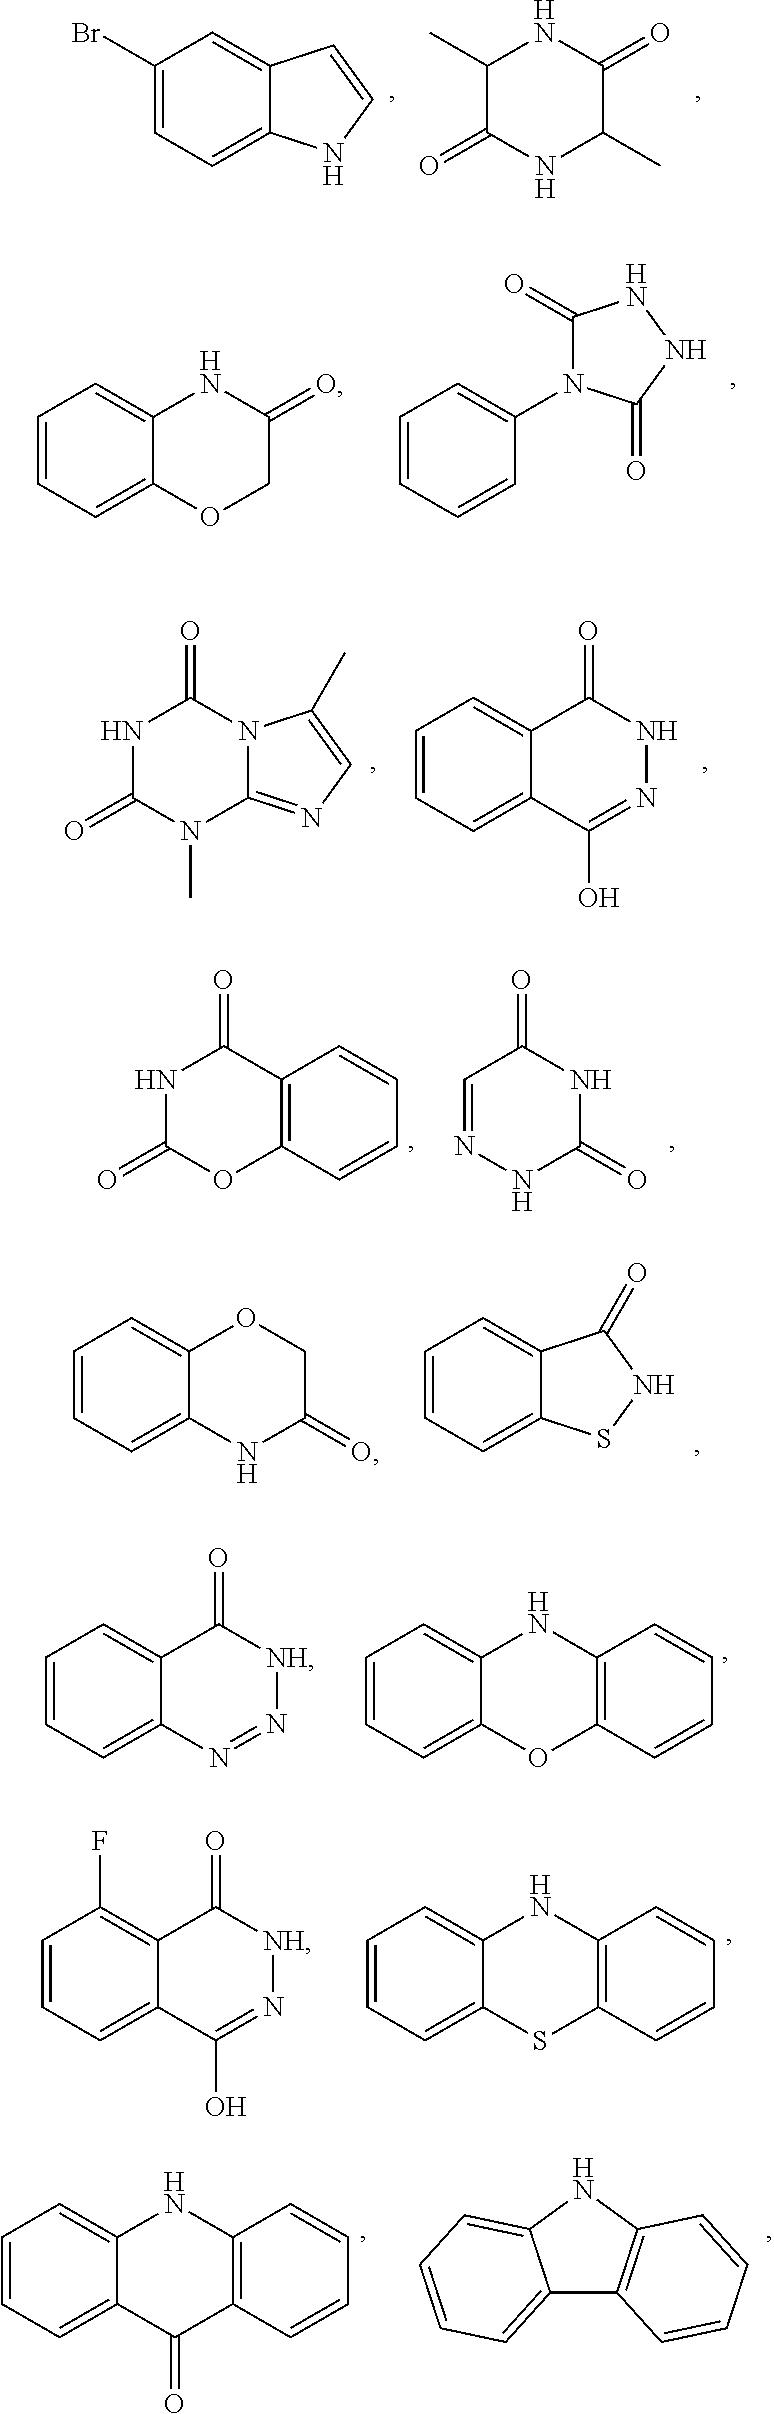 Figure US08871764-20141028-C00003